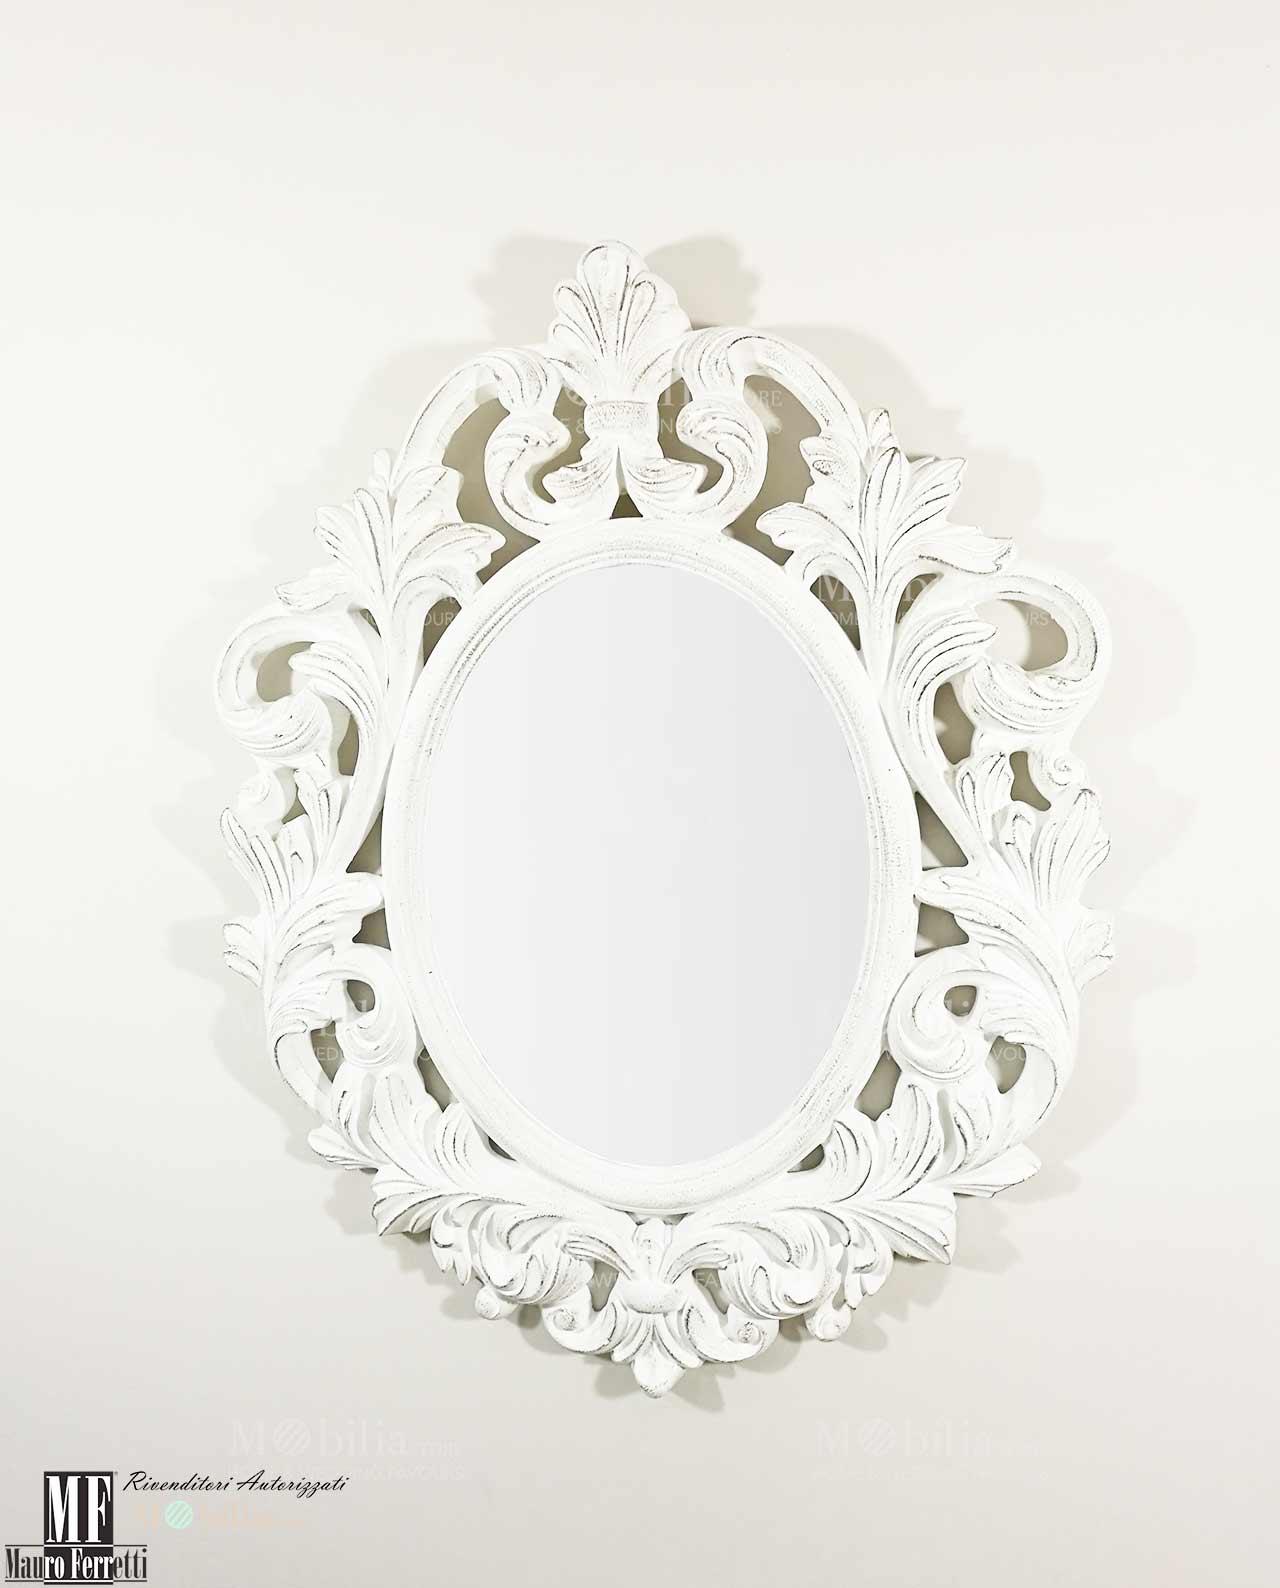 Specchi in stile specchi decorativi with specchi in stile - Specchio antico ovale ...